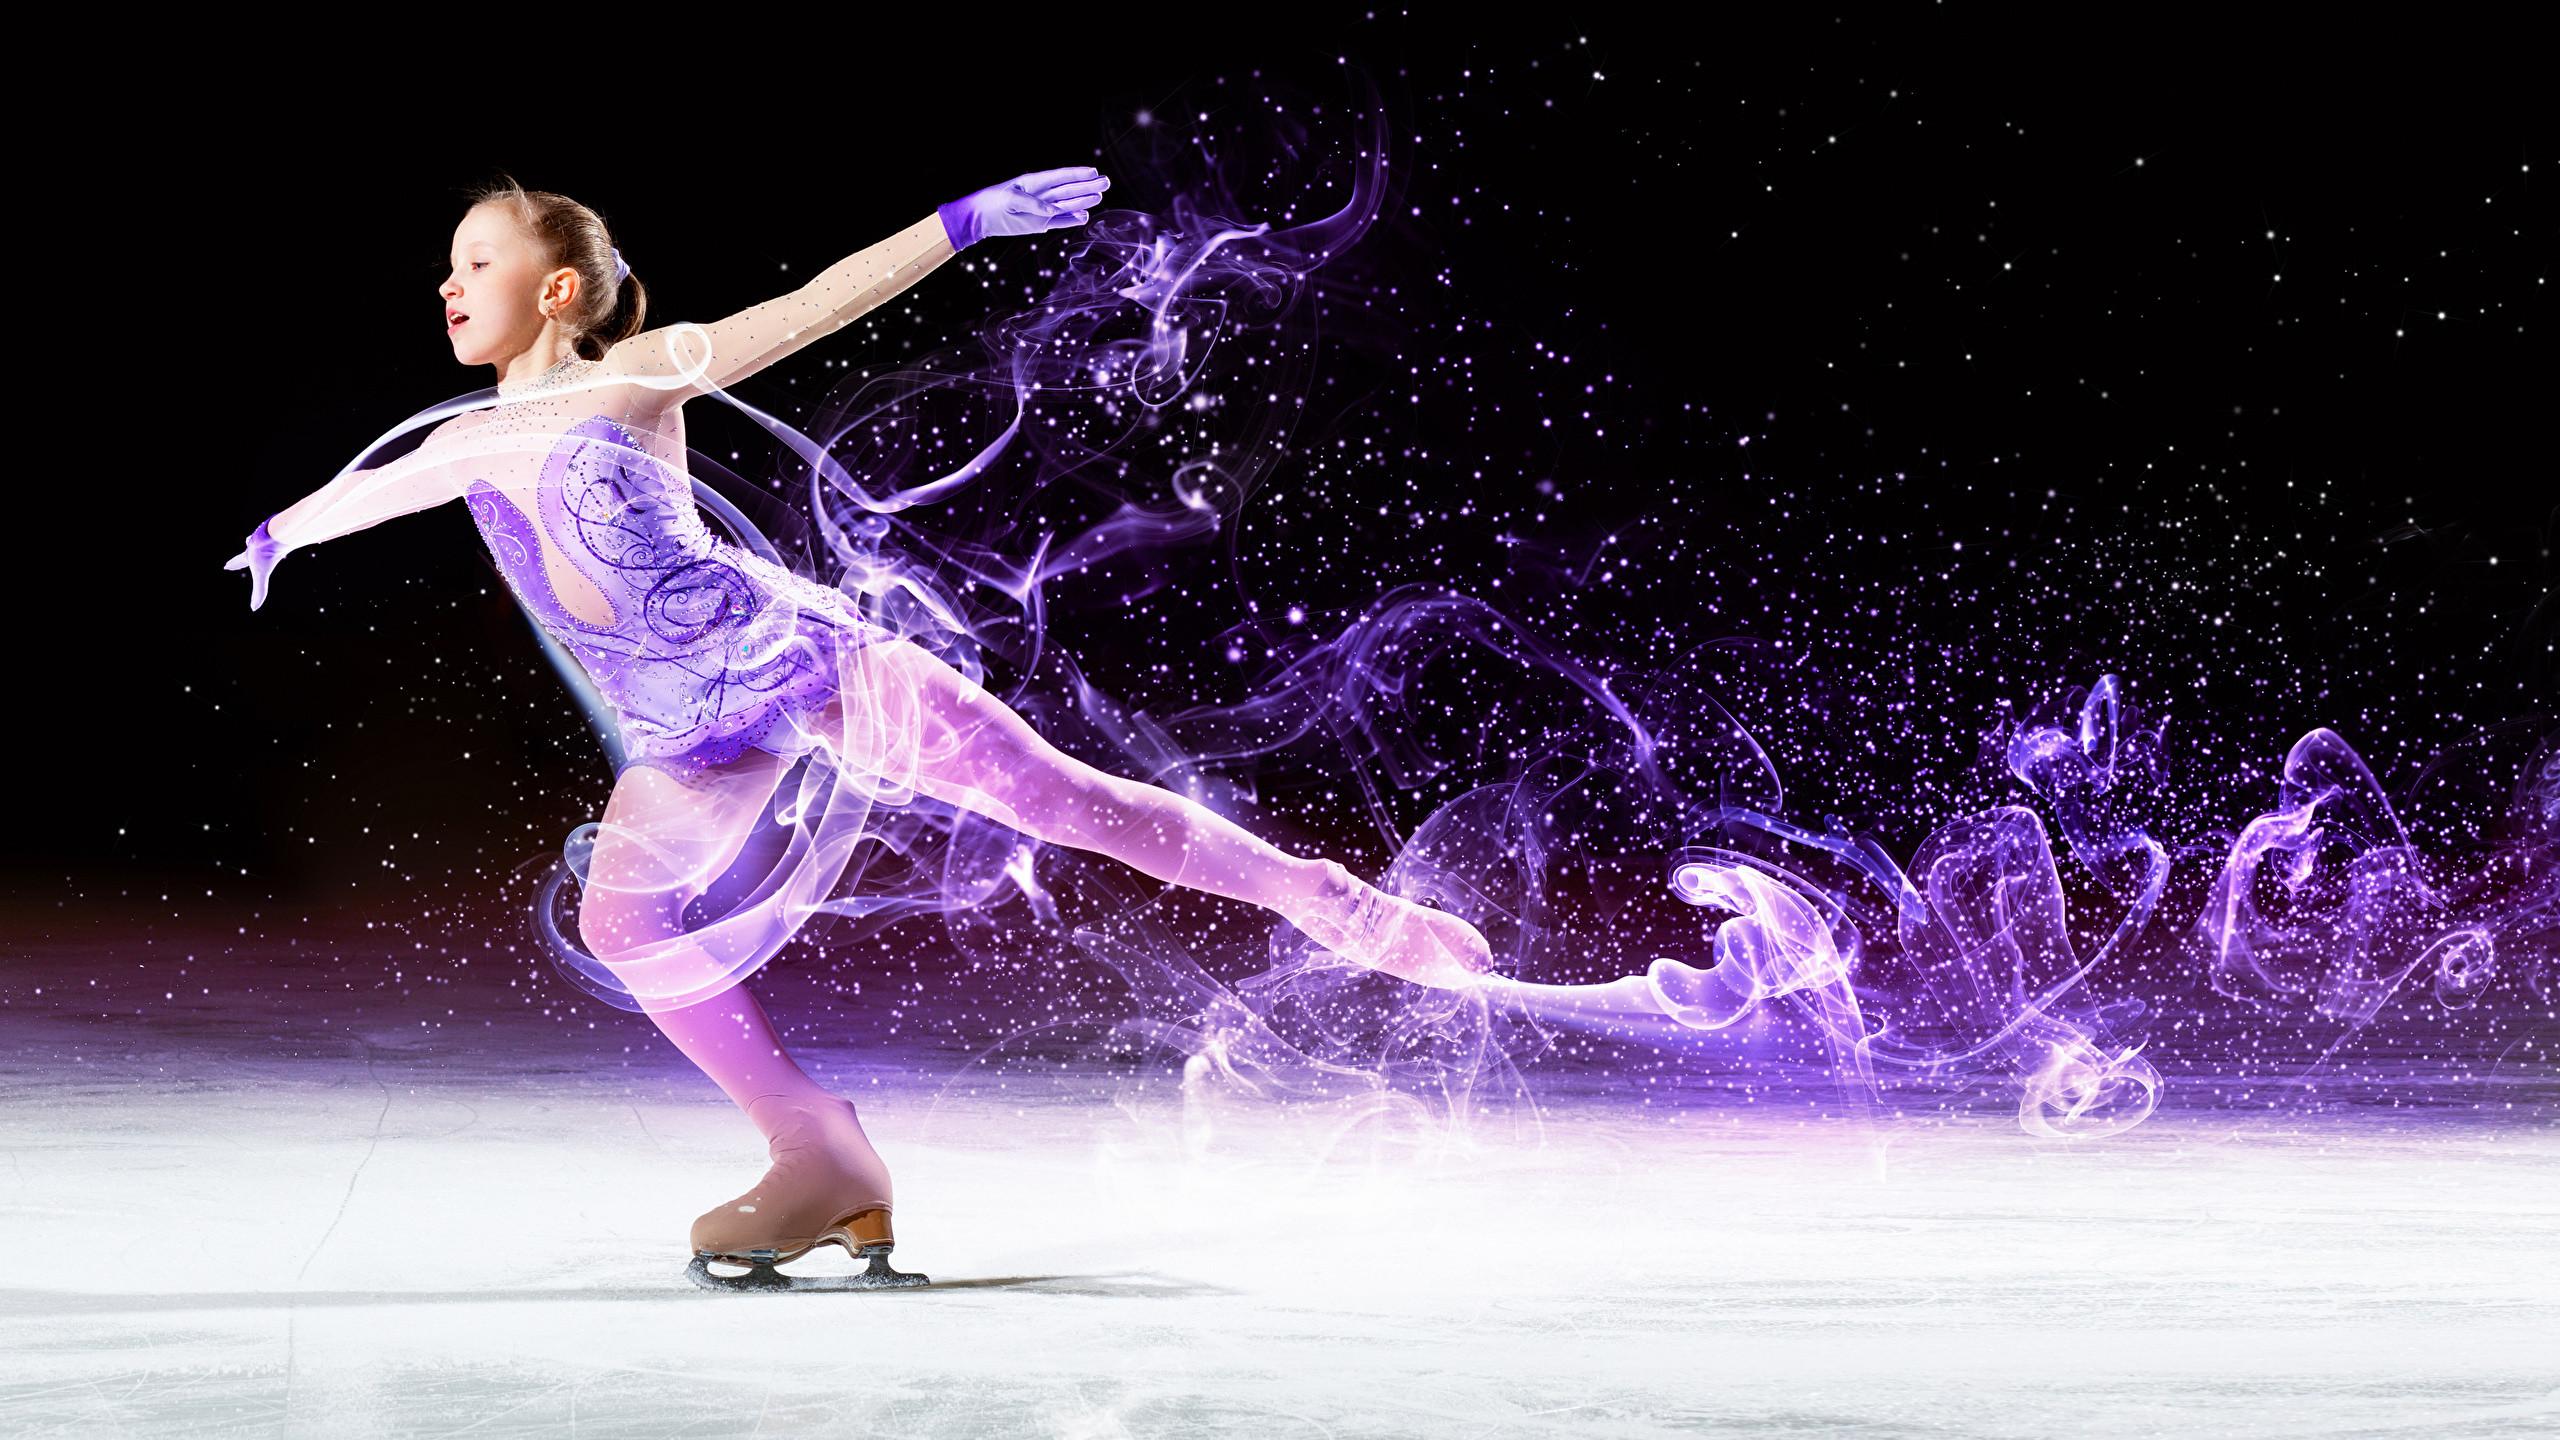 Res: 2560x1440, Ice Skating Wallpaper